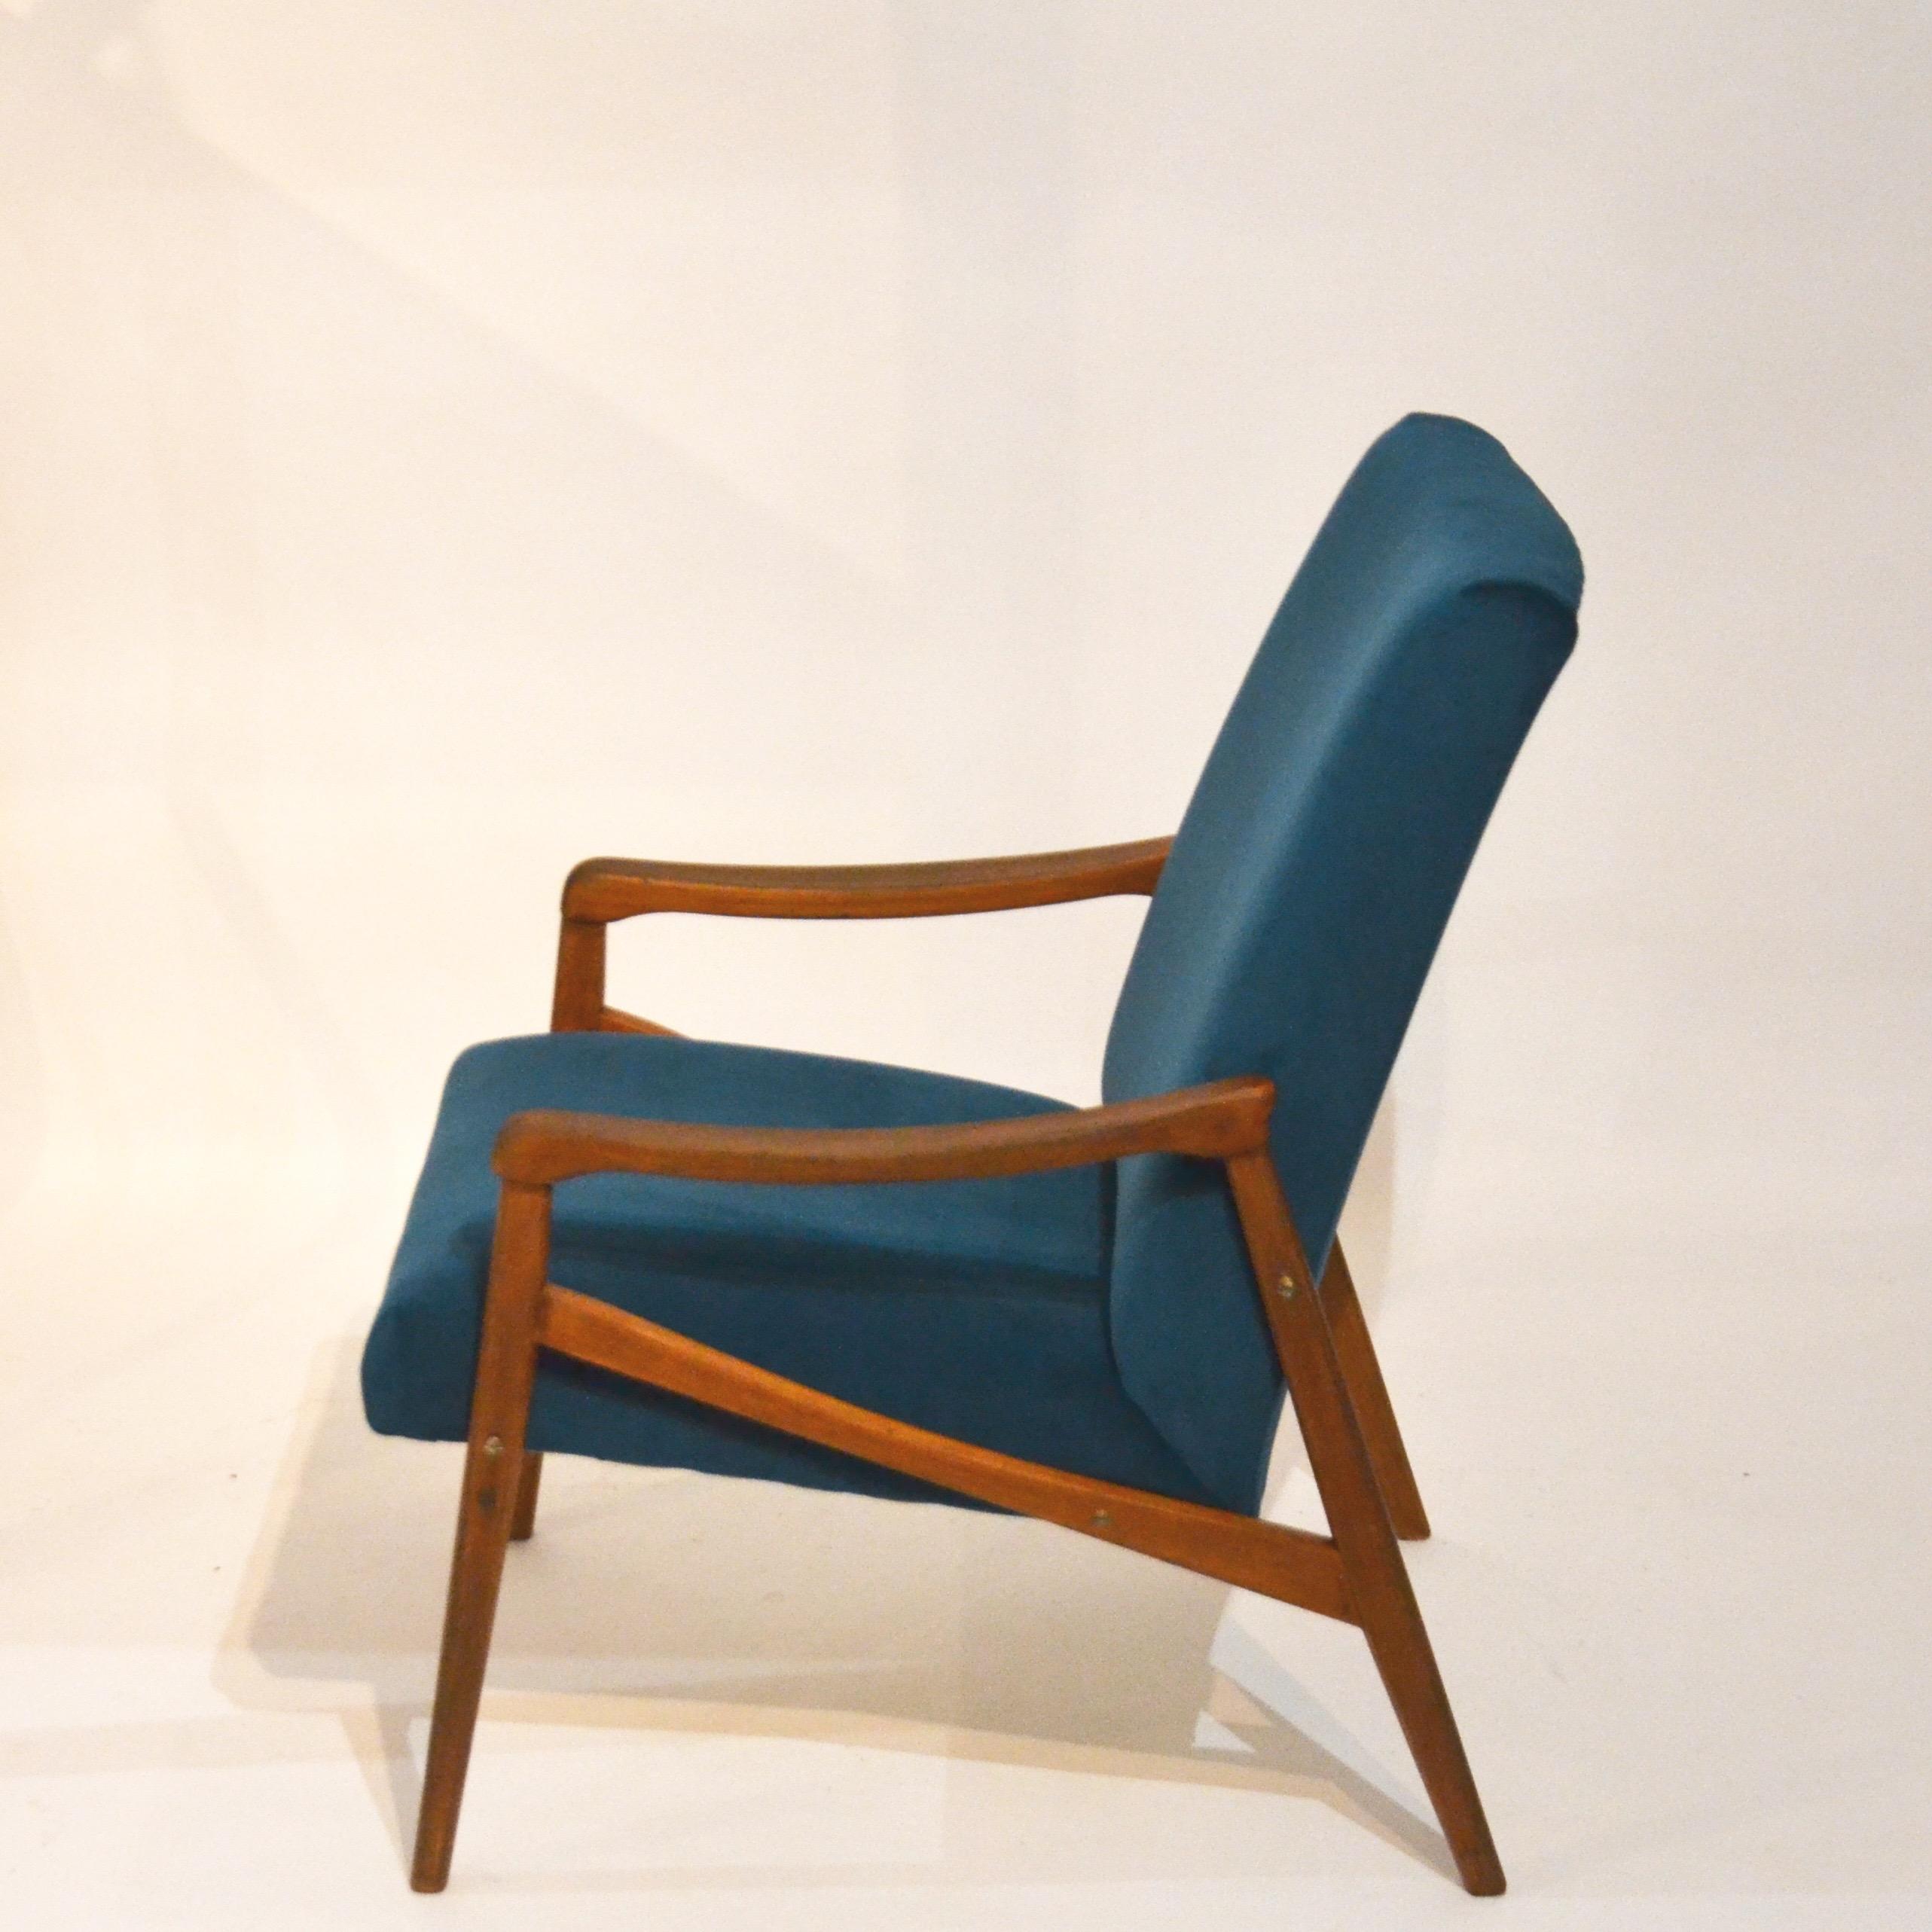 fauteuil velours bleu canard bindiesbindies. Black Bedroom Furniture Sets. Home Design Ideas